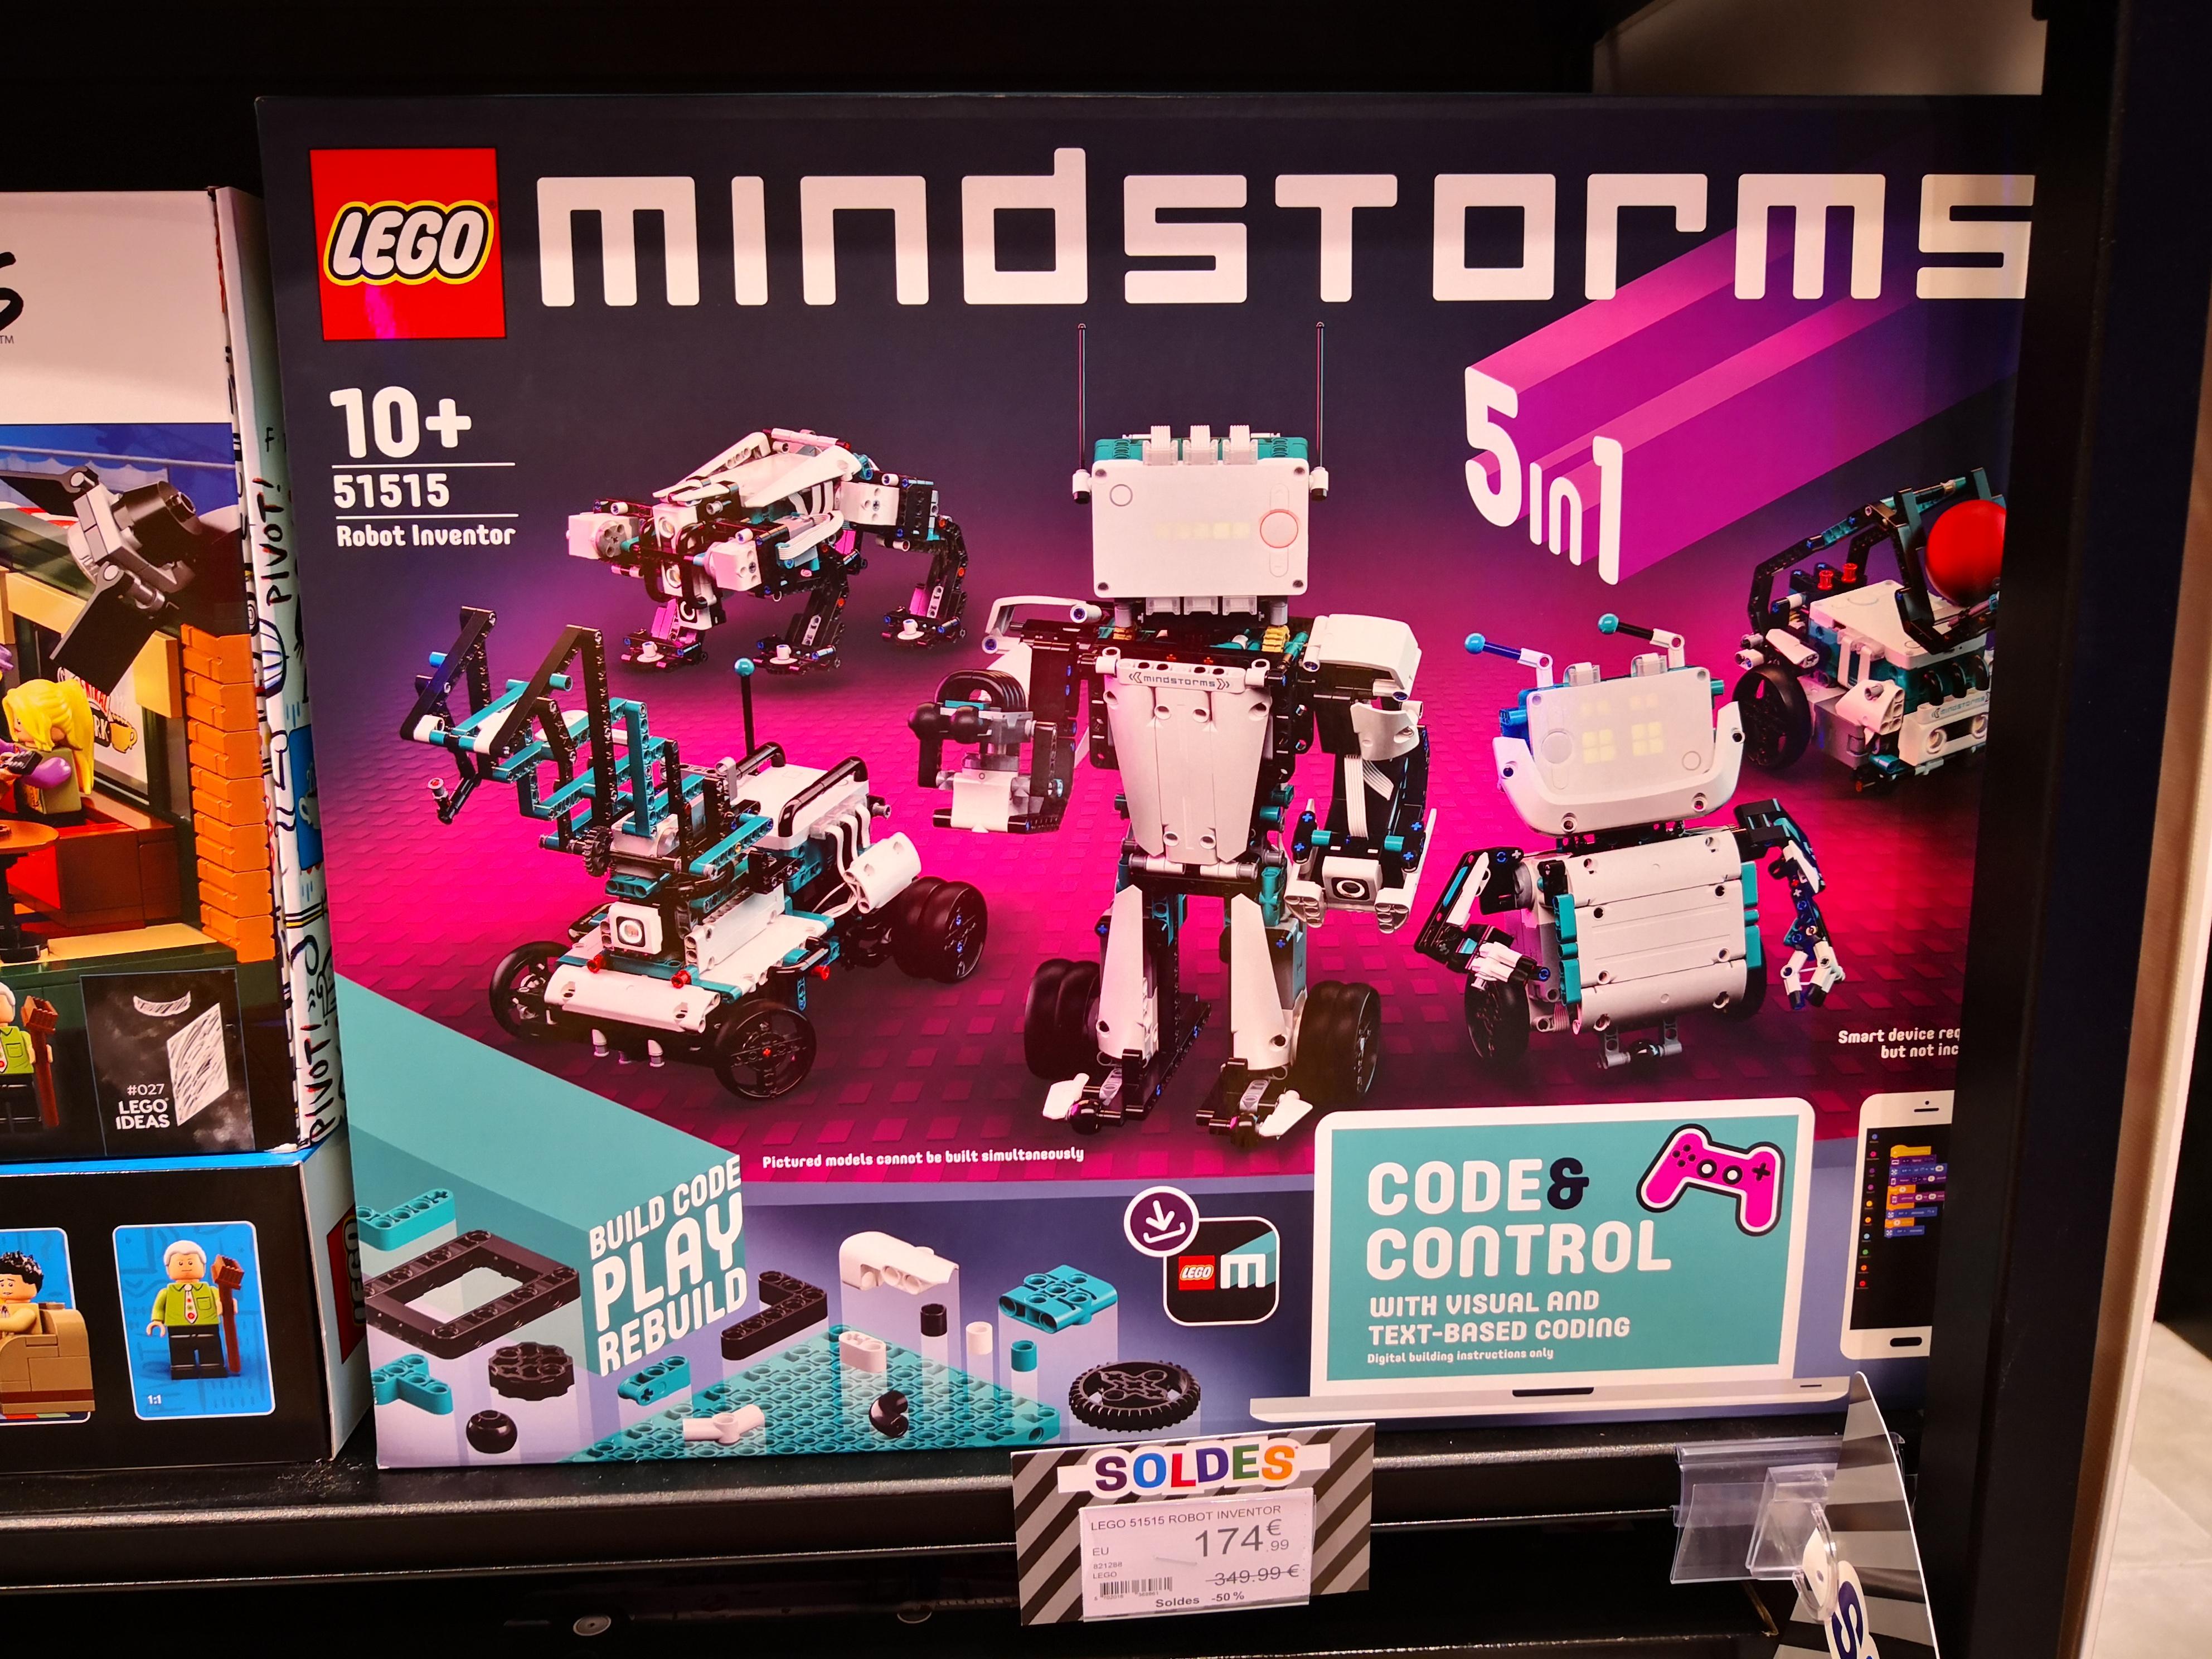 Sélection de jouets Lego en promotion - Ex : Lego Mindstorms Robot Inventor (51515) - Échirolles (38)